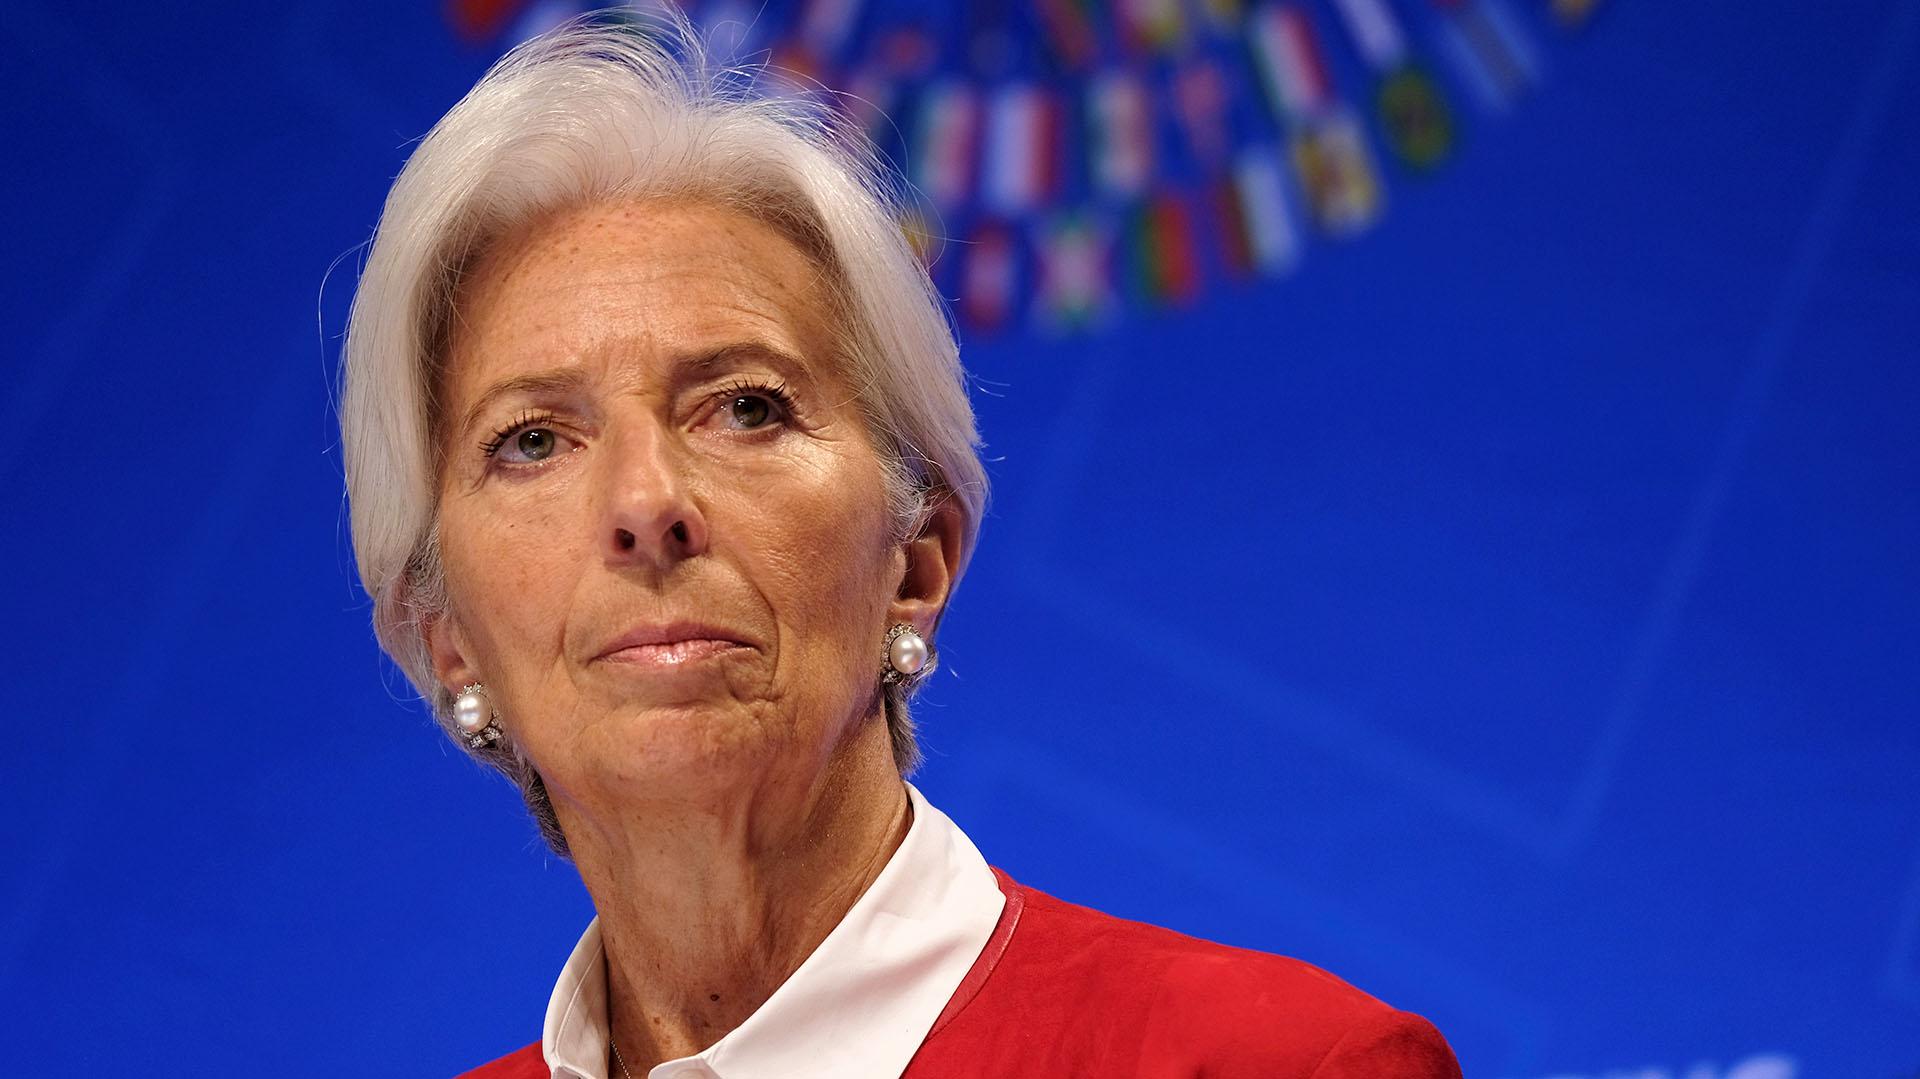 La directora del Fondo Monetario Internacional, Christine Lagarde, durante las reuniones del FMI y el Banco Mundial en Washington (REUTERS/James Lawler Duggan)